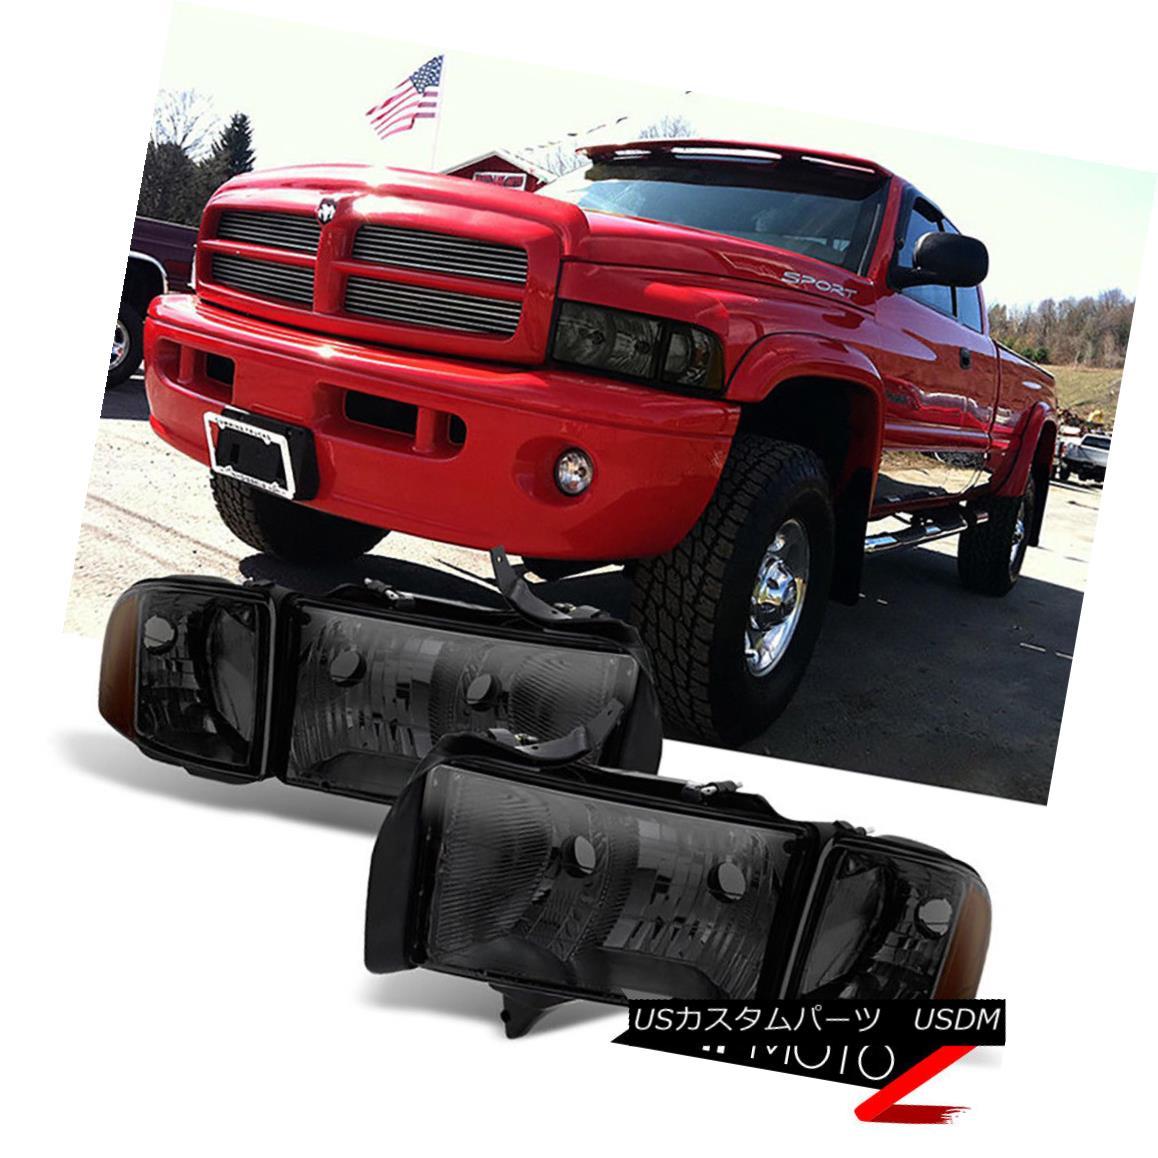 ヘッドライト 1994-2001 Dodge Ram [UPGRADE TO SPORT MODEL] Front Smoke Corner Head Lights Lamp 1994-2001 Dodge Ram [スポーツモードにアップグレード]フロントスモークコーナーヘッドライトランプ